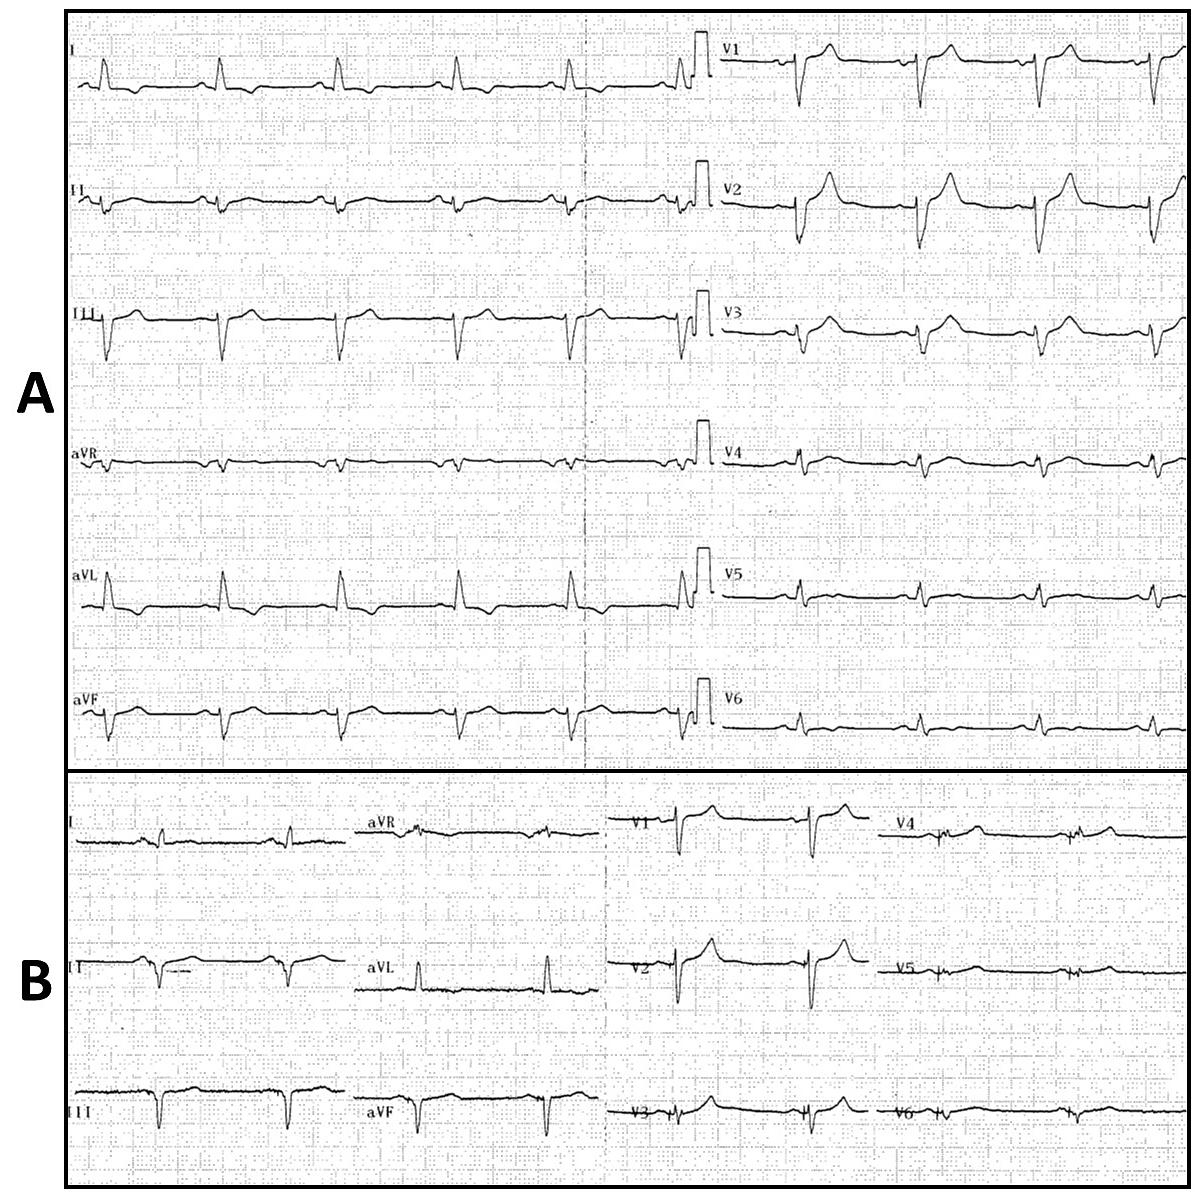 """FIGURA 1: (A) Electrocardiograma basal en ritmo sinusal, con intervalo PR de 185 ms y complejo QRS con morfología de BRI y una duración de 150 ms. (B) Electrocardiograma tras el implante, con estimulación exclusiva desde VI. Se observa un complejo QRS con datos de estimulación izquierda (onda """"r"""" inicial en la derivación V1 y onda """"s"""" inicial en I y V6) y una duración de 110 ms."""